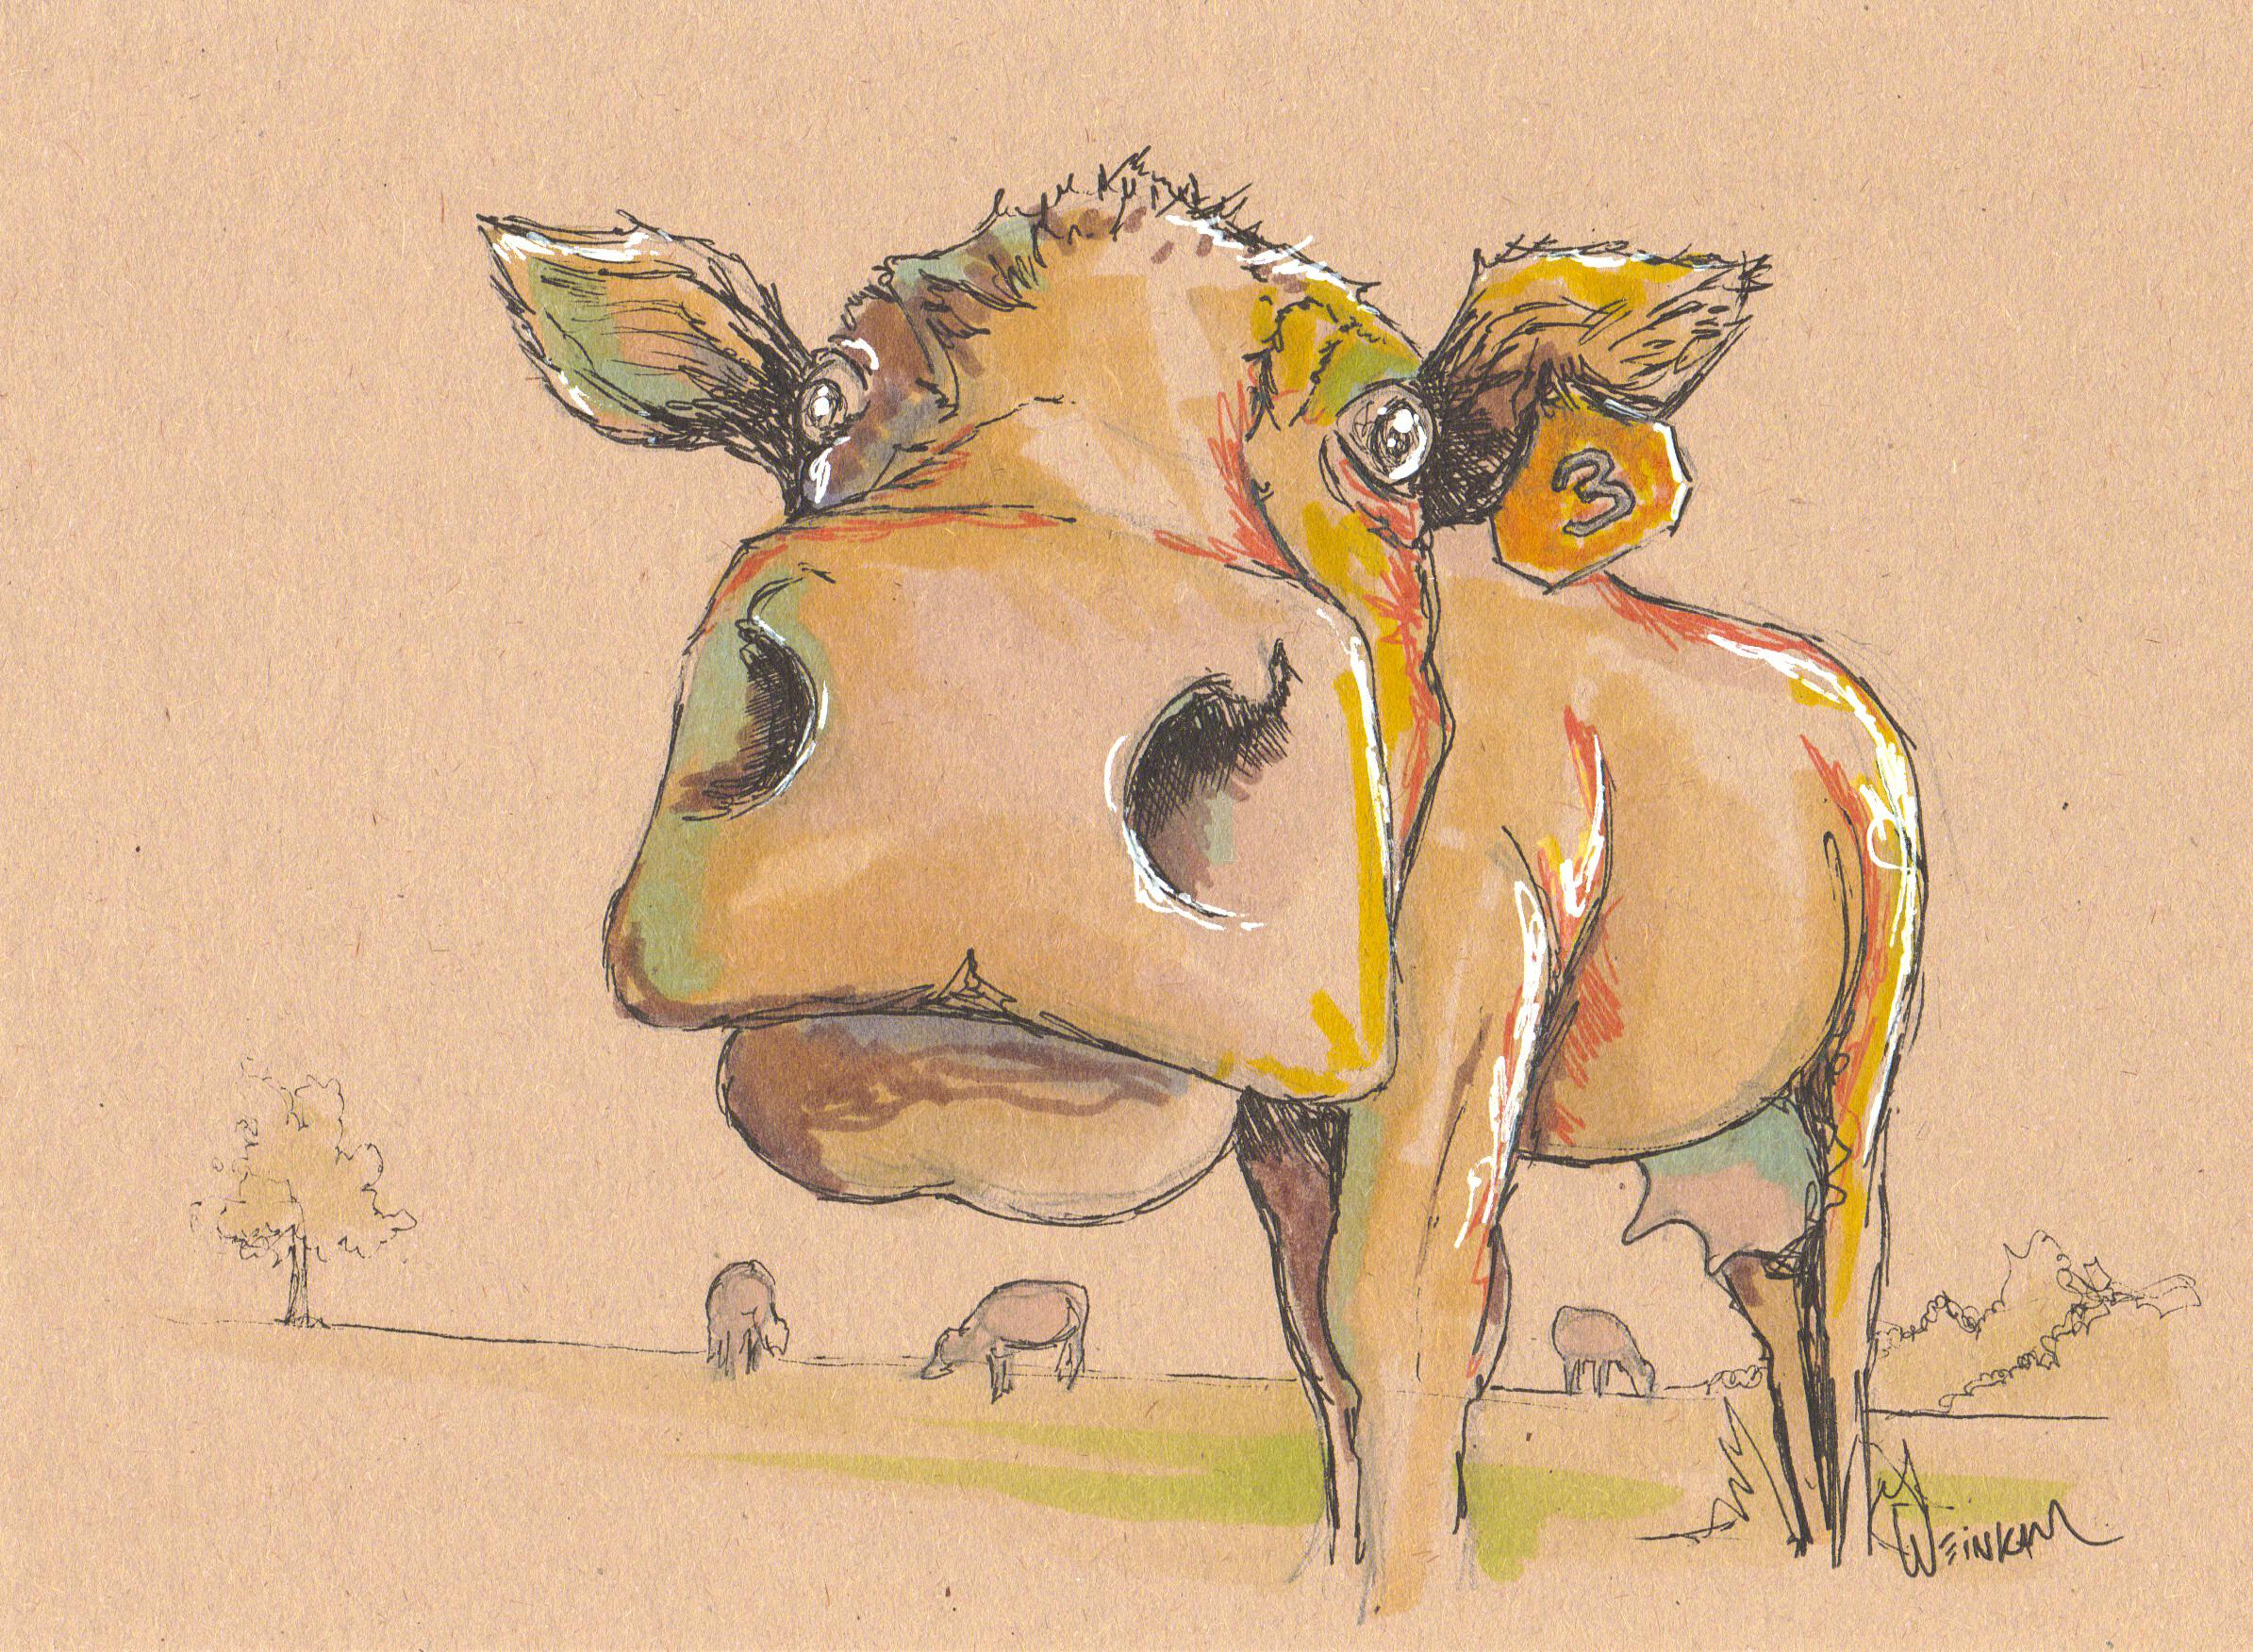 Cincinnat artist Todd Weinkam's Cow #3